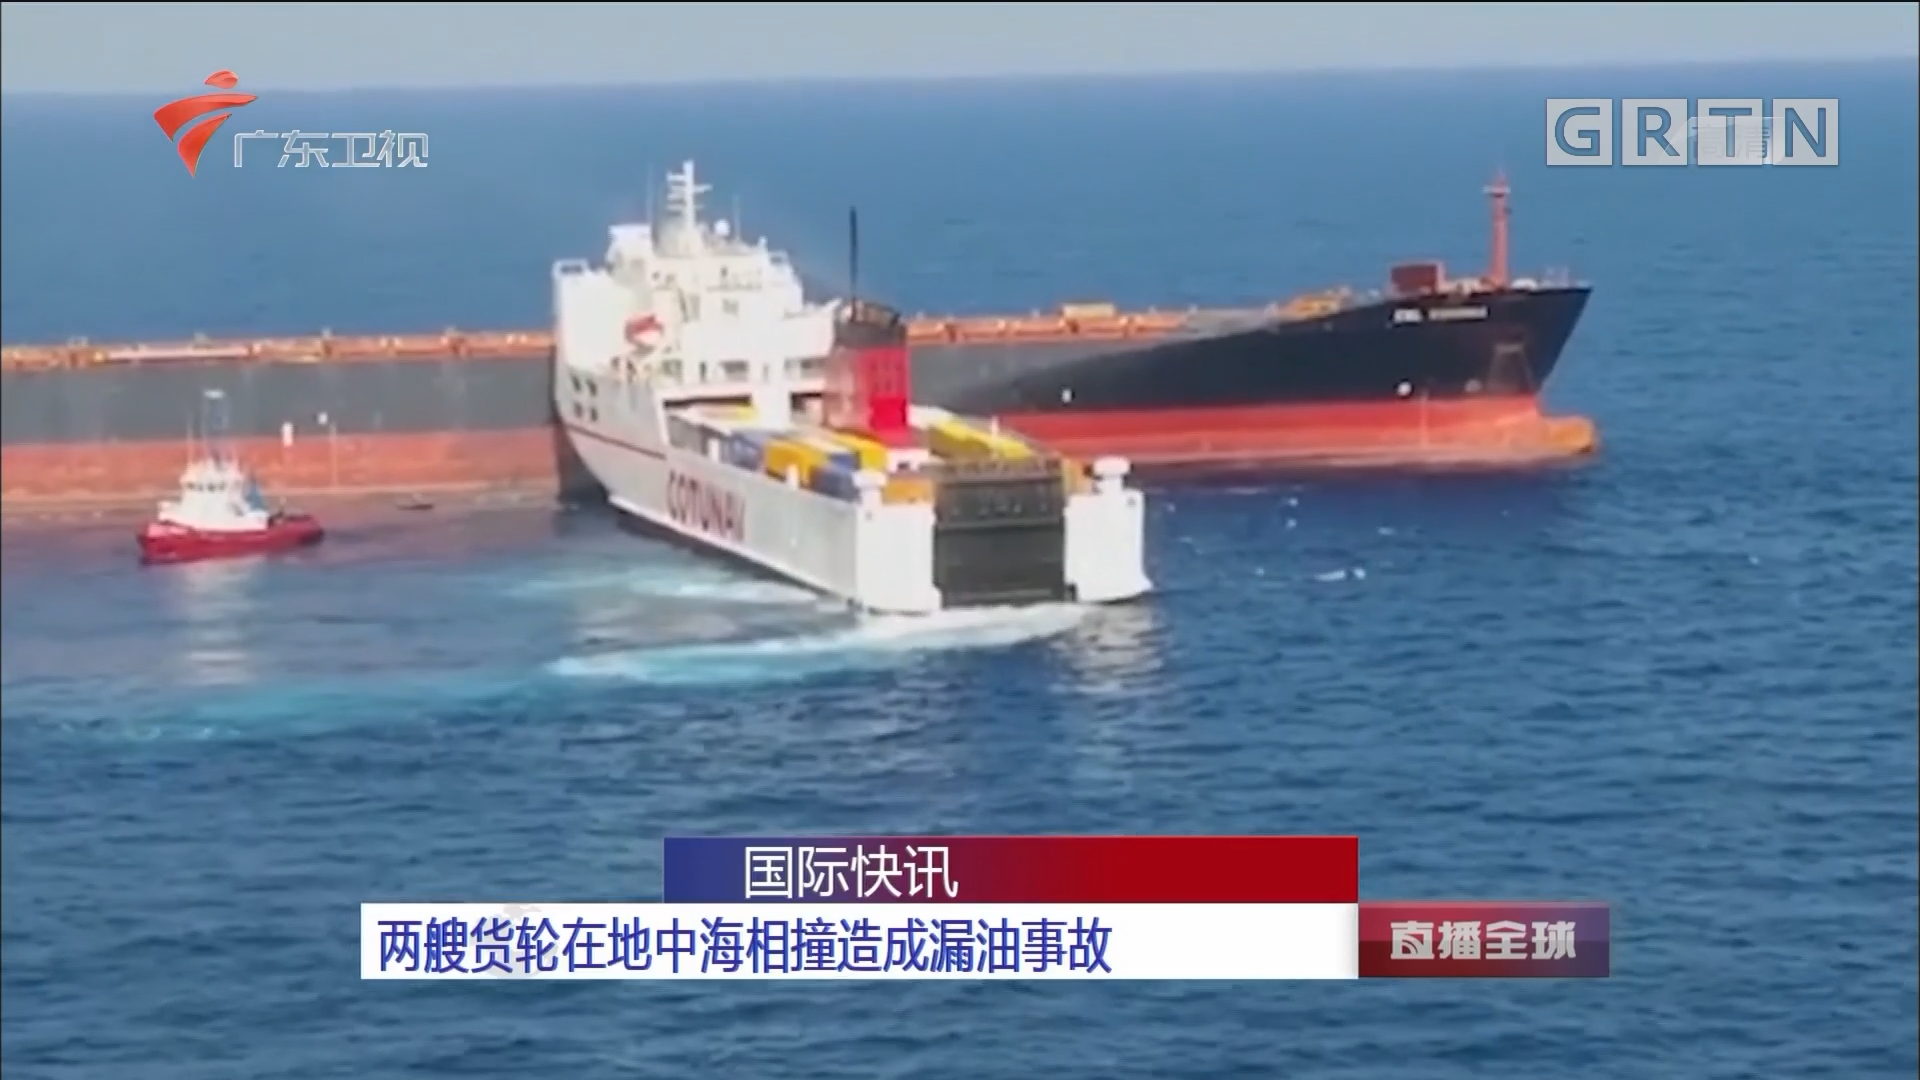 两艘货轮在地中海相撞造成漏油事故